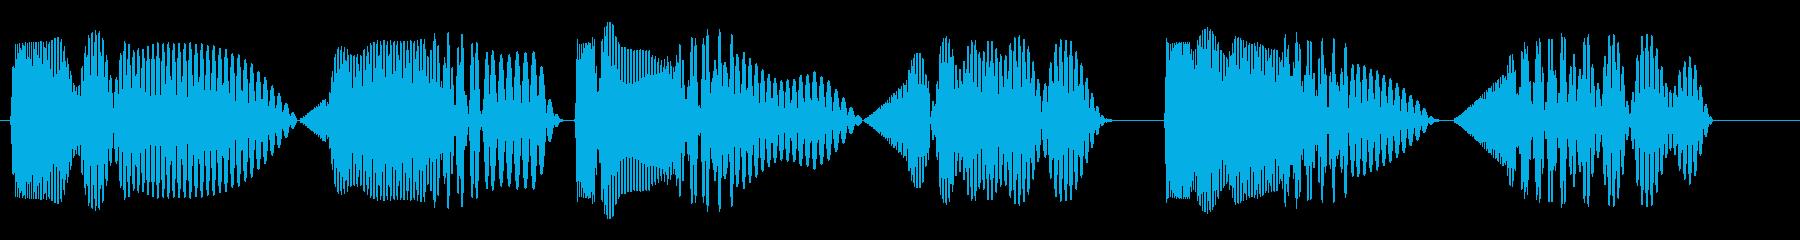 トゥクトゥクトゥク(アイキャッチなど)の再生済みの波形